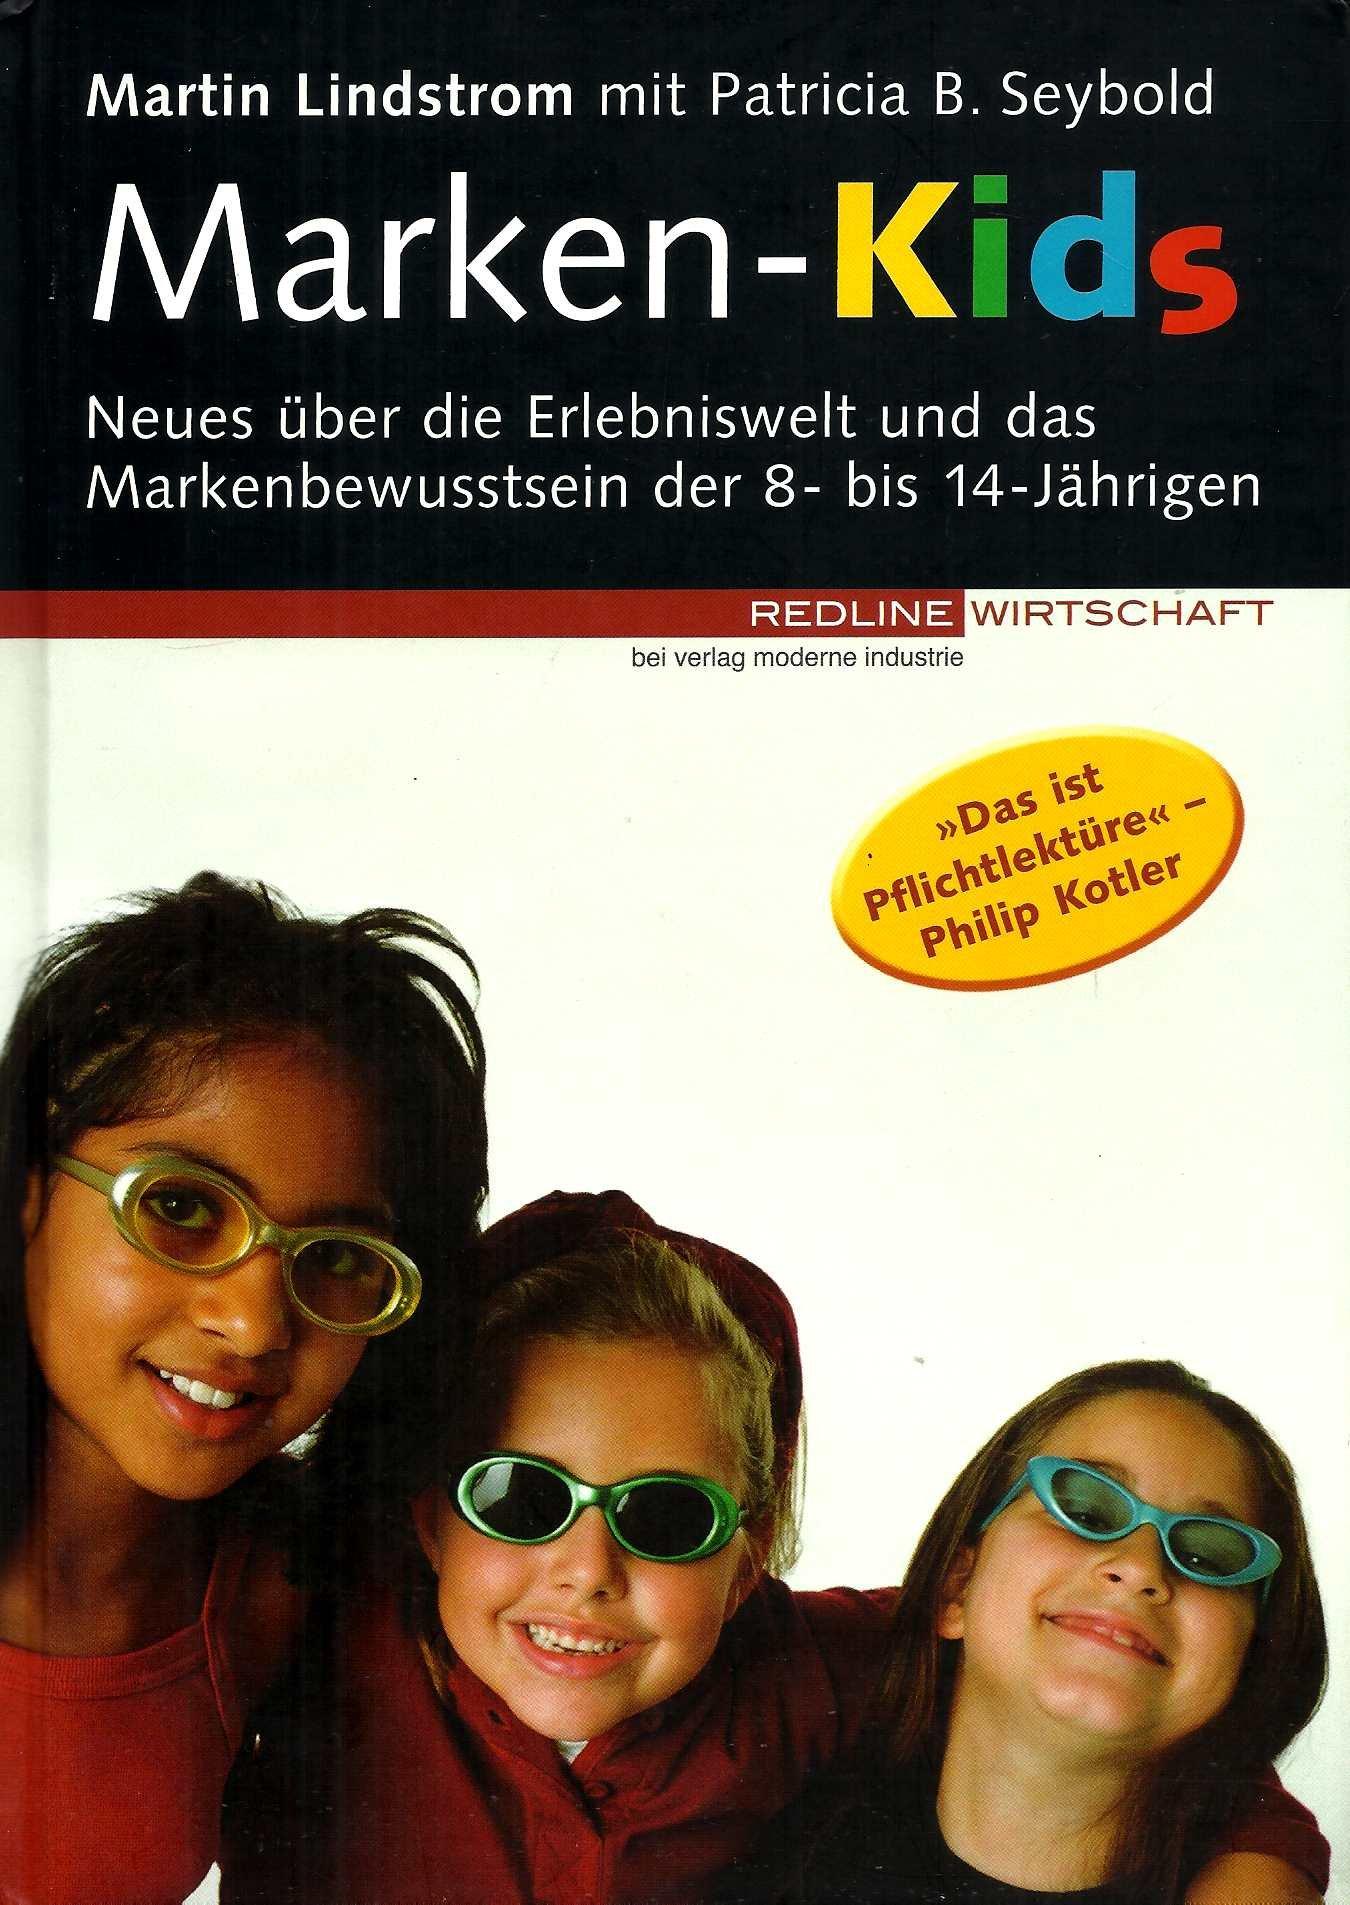 Marken-Kids. Neues über die Erlebniswelt und das Markenbewusstsein der 8-14 Jährigen